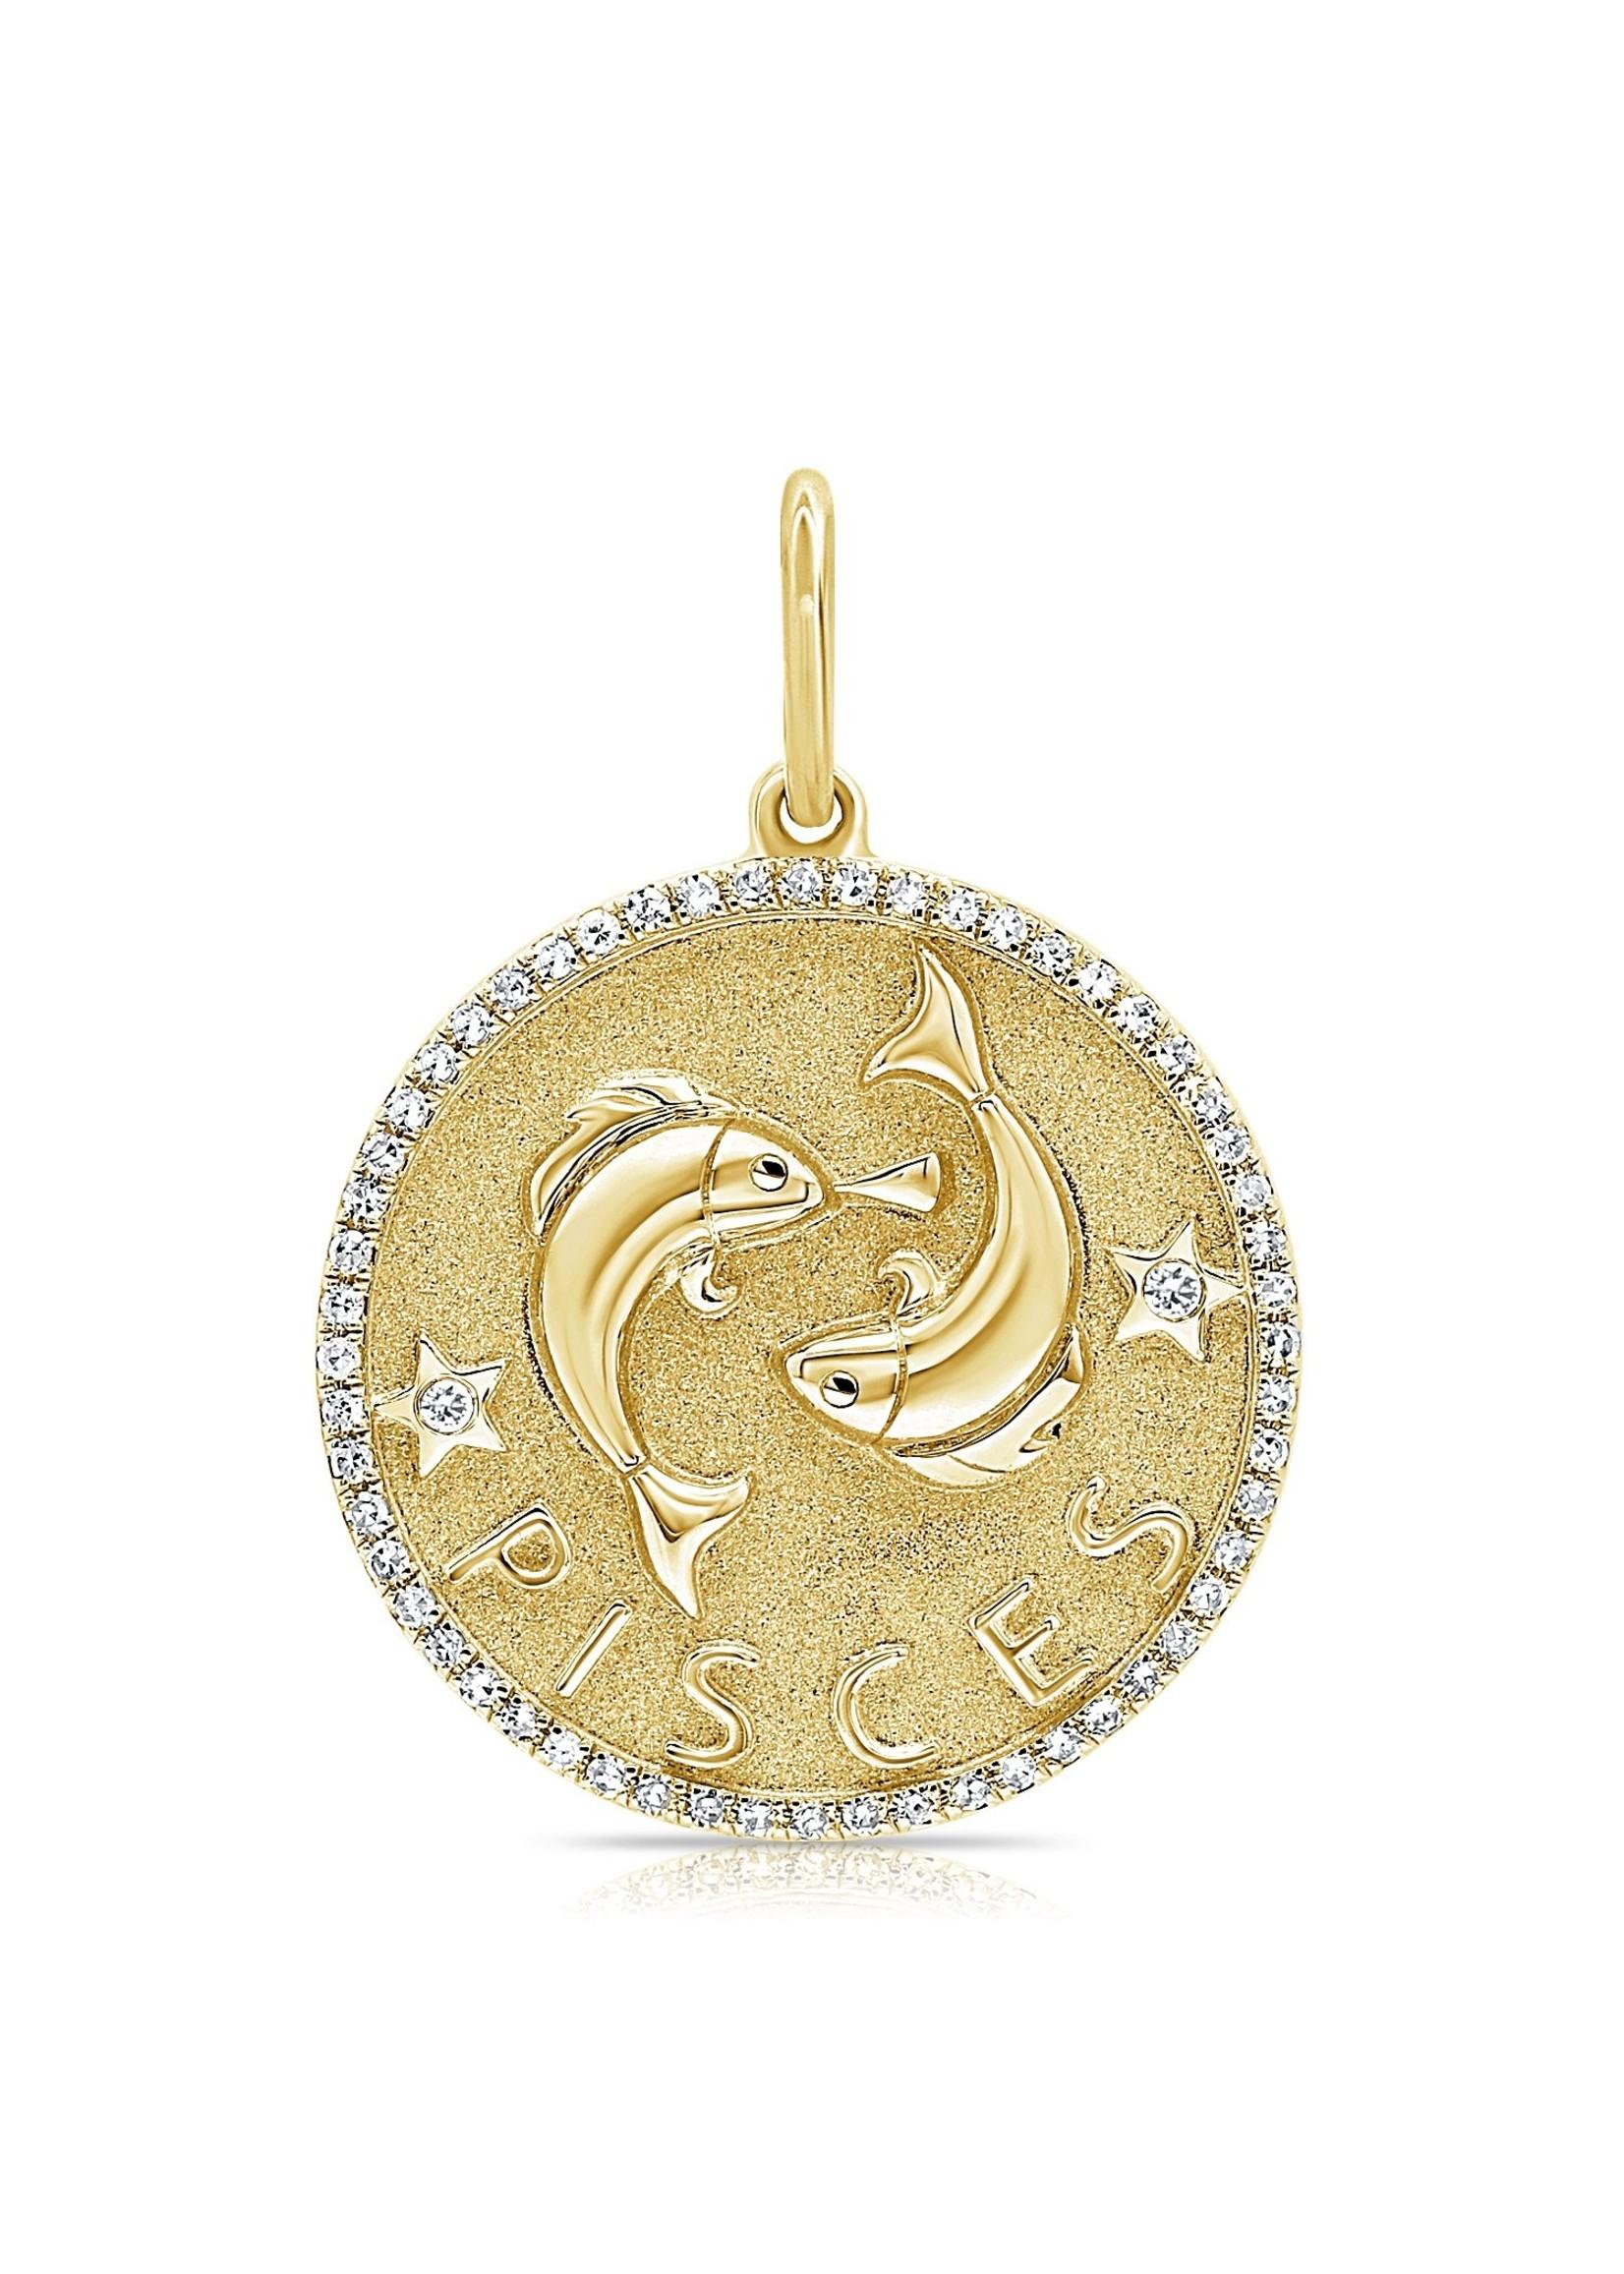 Jill Alberts Zodiac Charm